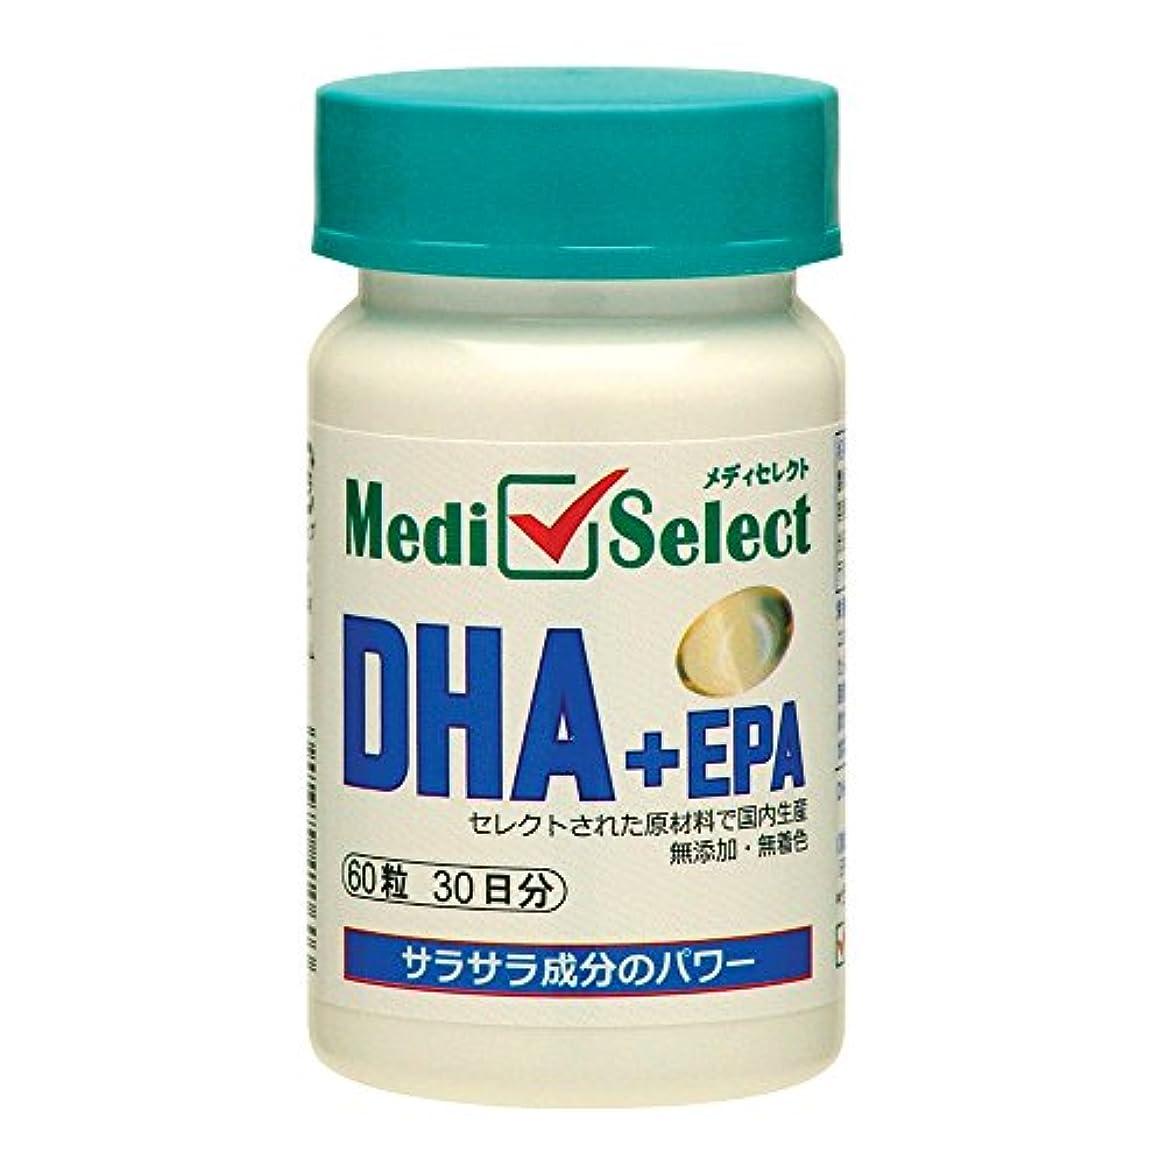 マトロンベイビーちっちゃいメディセレクト DHA+EPA 60粒(30日分)